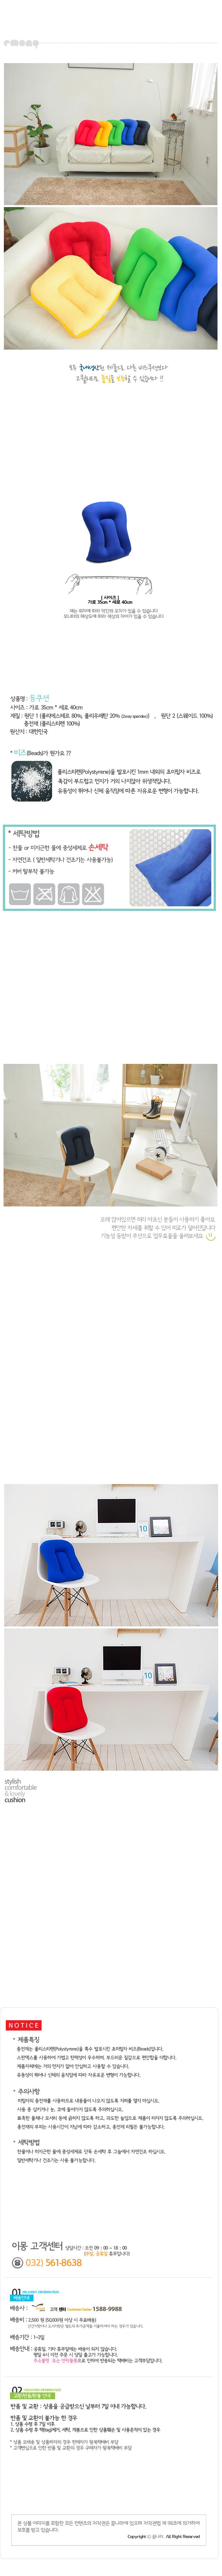 비즈쿠션-등쿠션(대) - 이몽, 18,000원, 쿠션, 허리쿠션